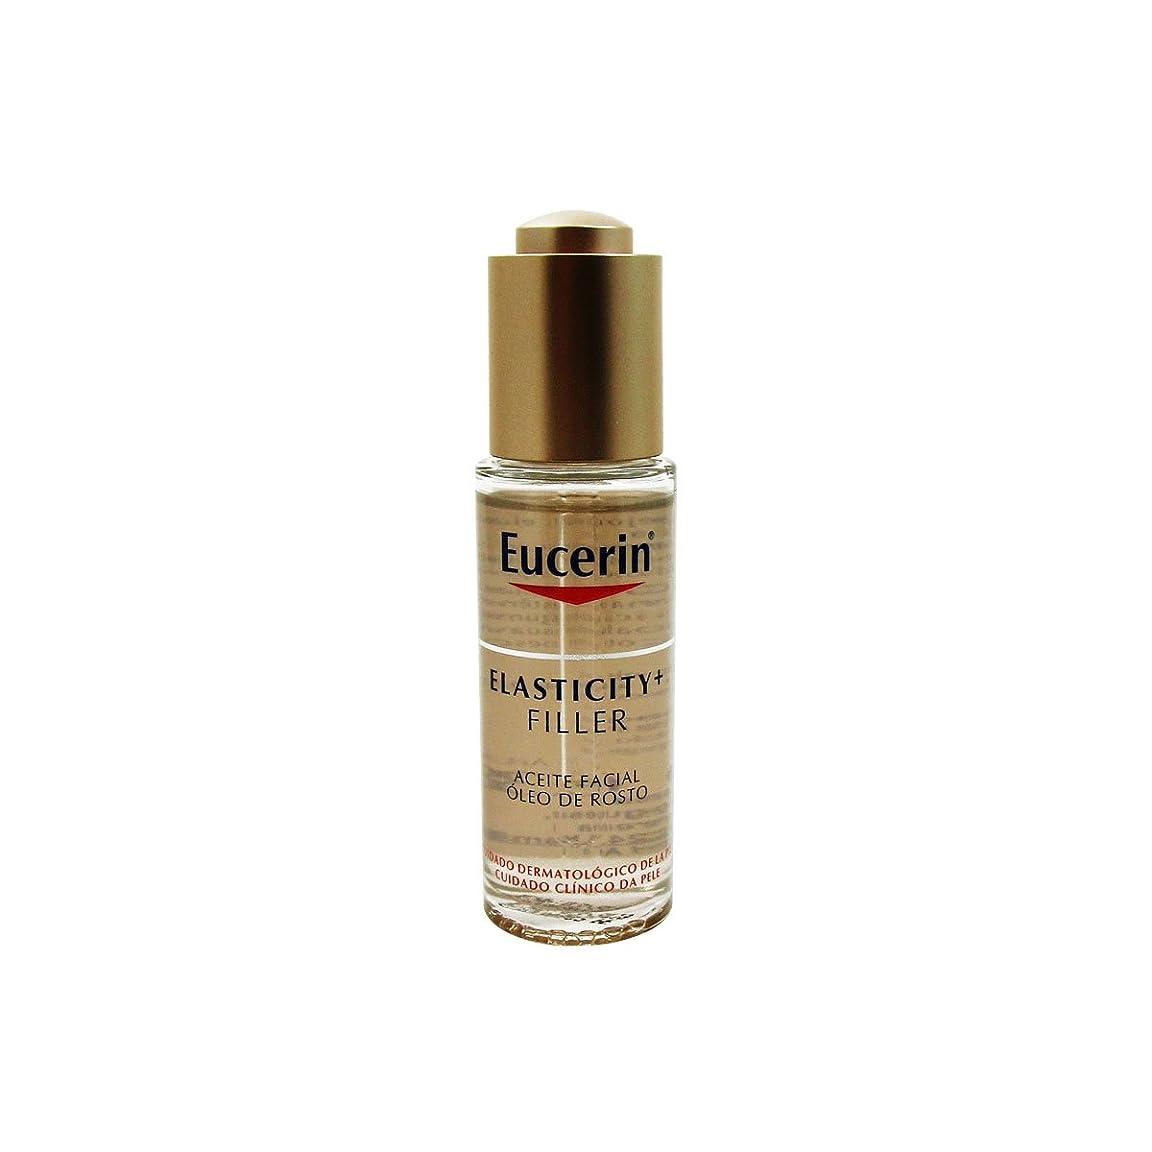 移行する平らにする振りかけるEucerin Elasticity Filler Facial Oil 30ml [並行輸入品]